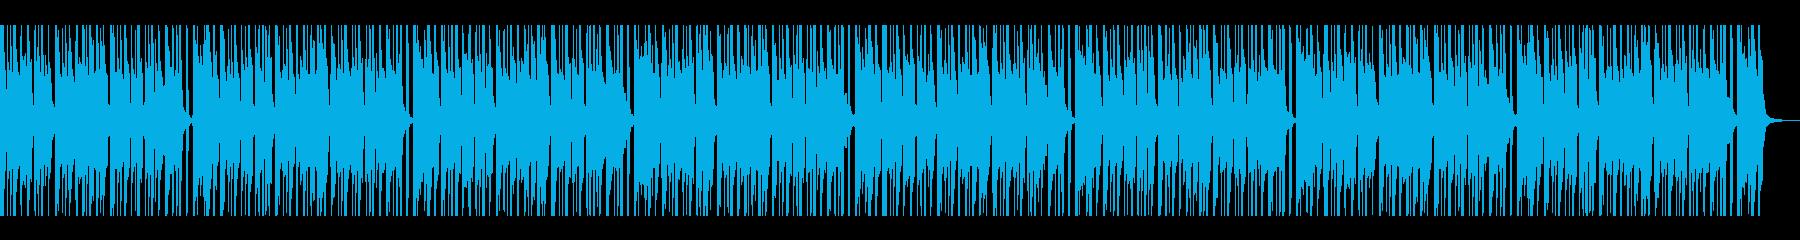 軽快なリズムの踊れるギターファンクの再生済みの波形